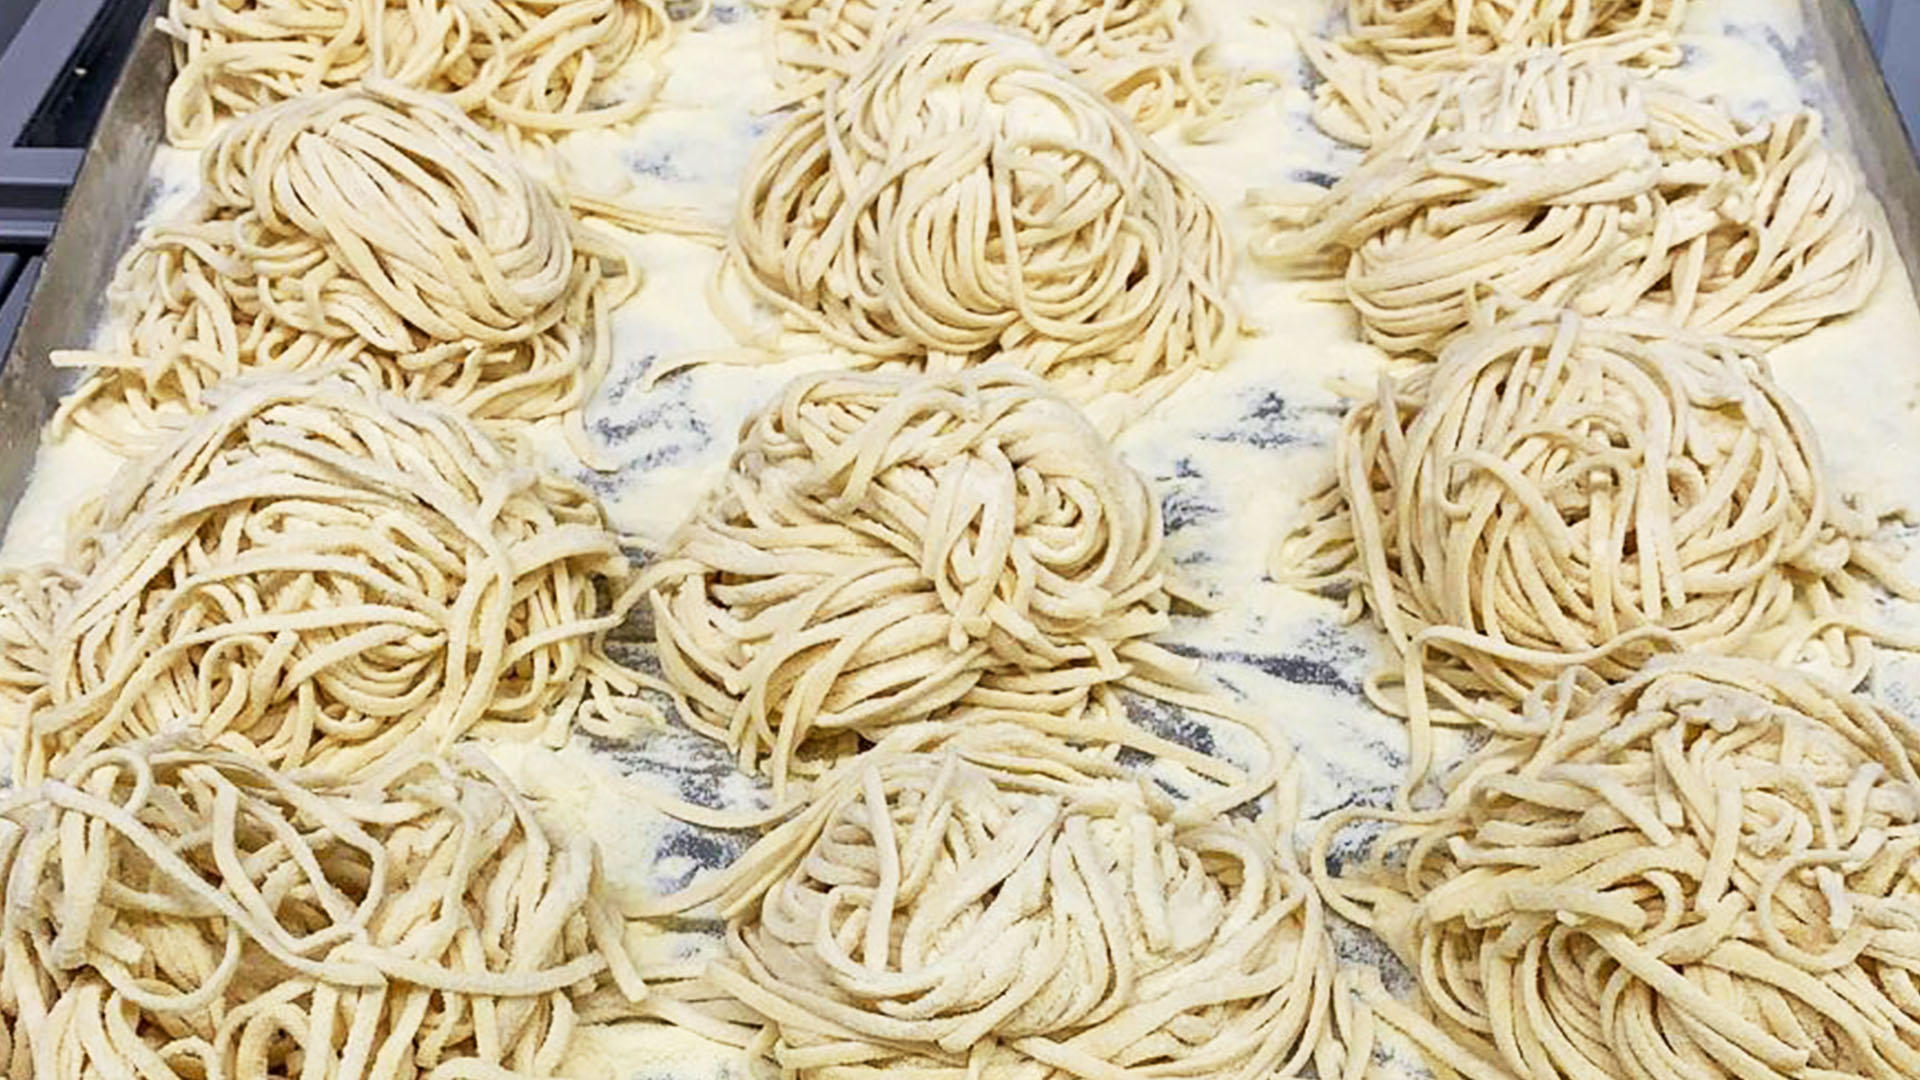 Nudeln - immer frisch in Wangen Beste Pasta in Ihrer Nähe bekommen Sie in Wangen! Wir lieben diese frische Küche und freuen uns, dass wir dies auch an unsere Gäste in Wangen  weiter geben dürfen. Immer frisch zu bereitet direkt in unserem Restaurant in Wa